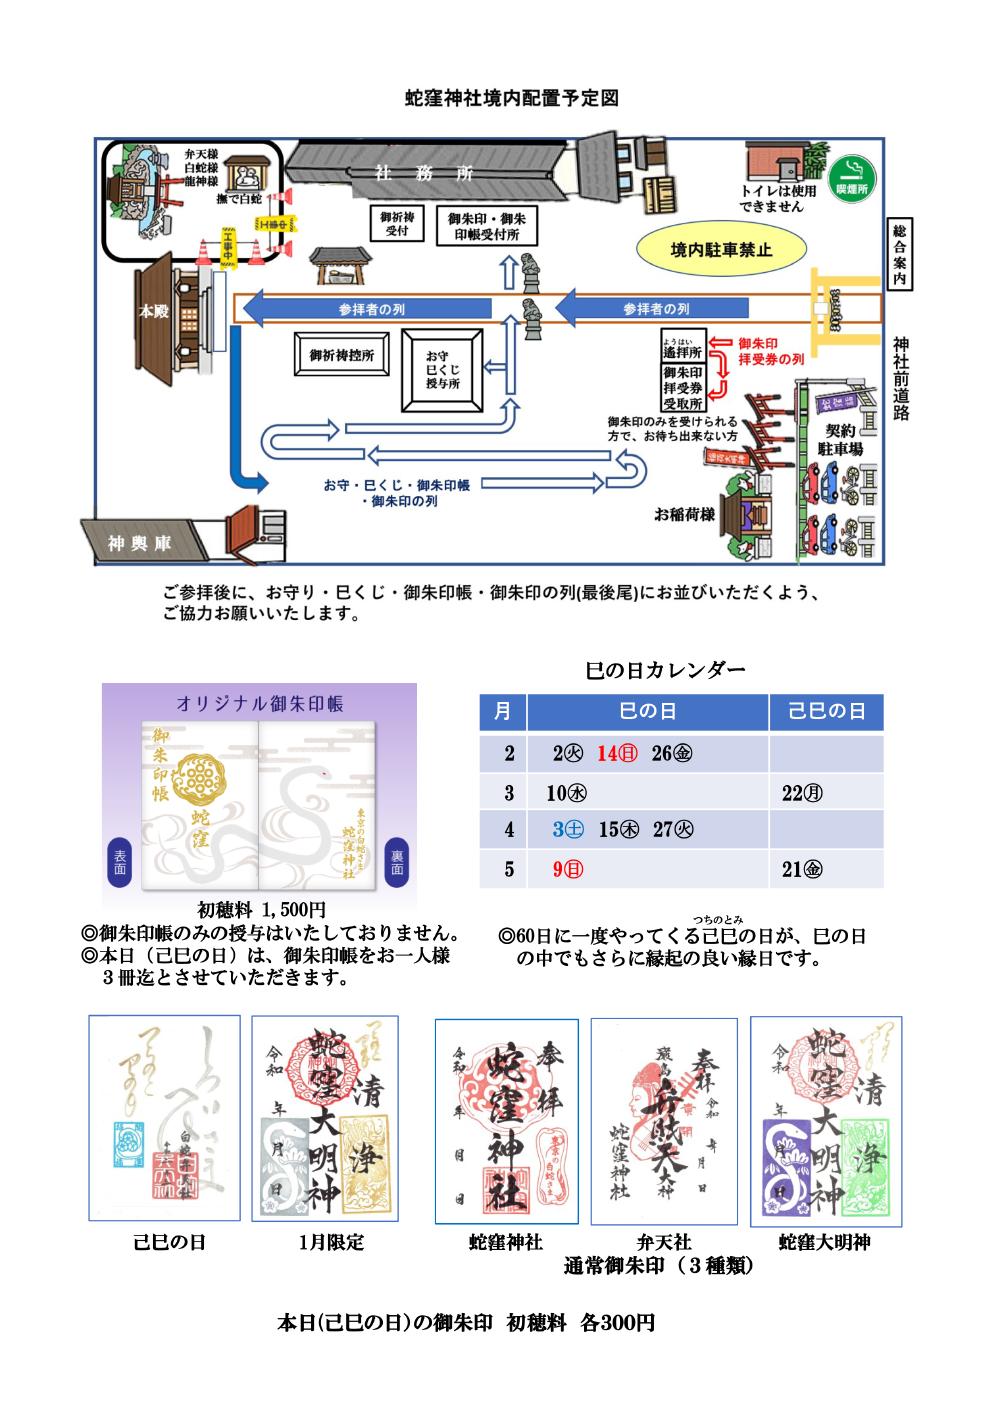 令和3年1/21(木)己巳の日御朱印等対応のお知らせ